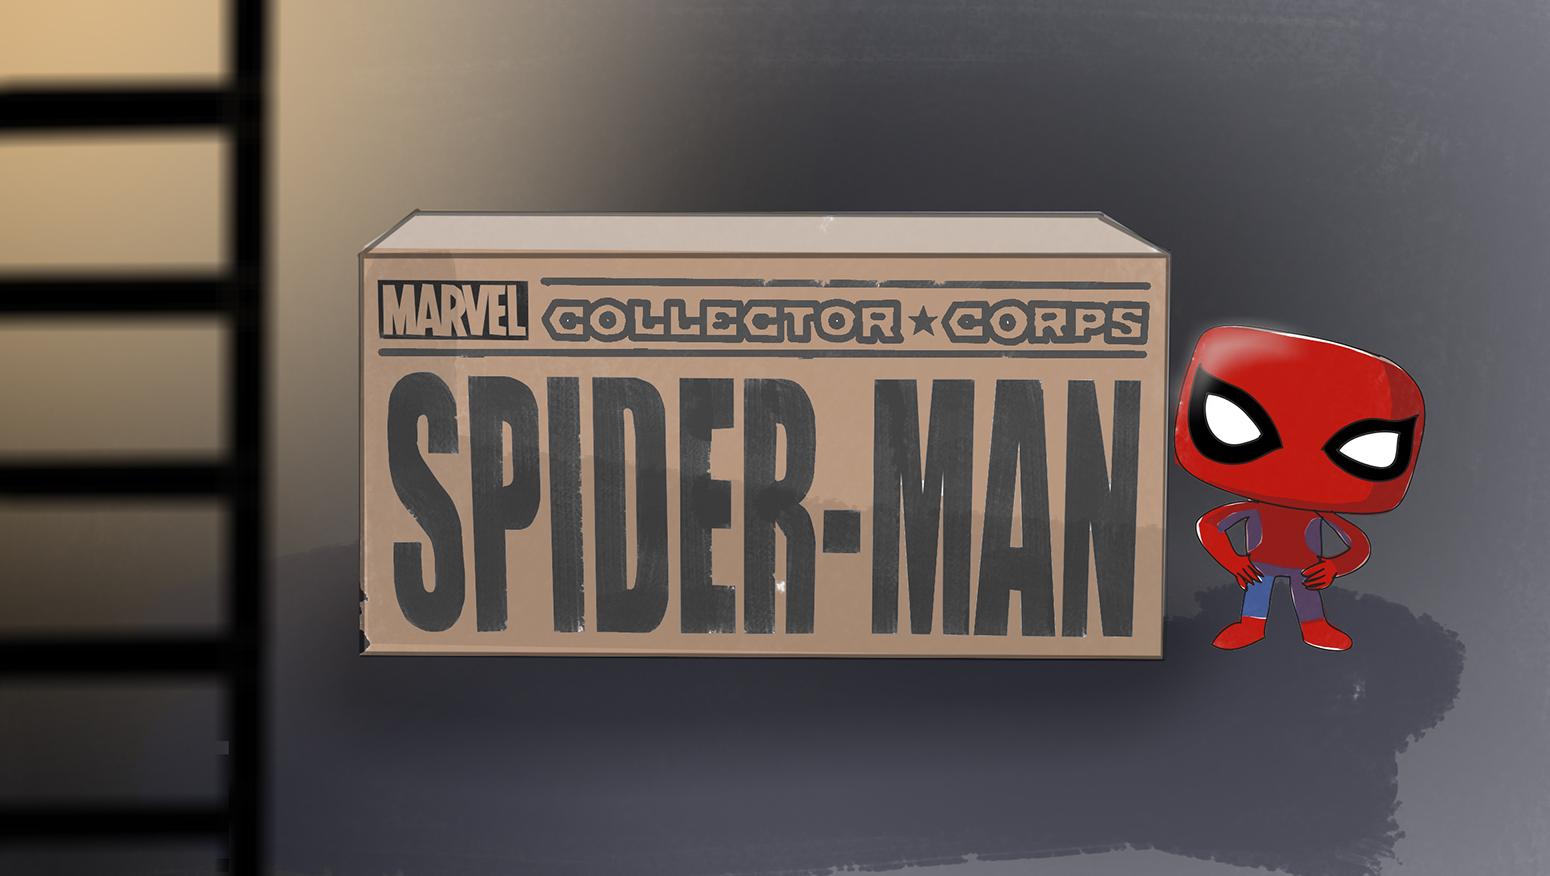 Spiderman_Vulture_19 copy.jpg